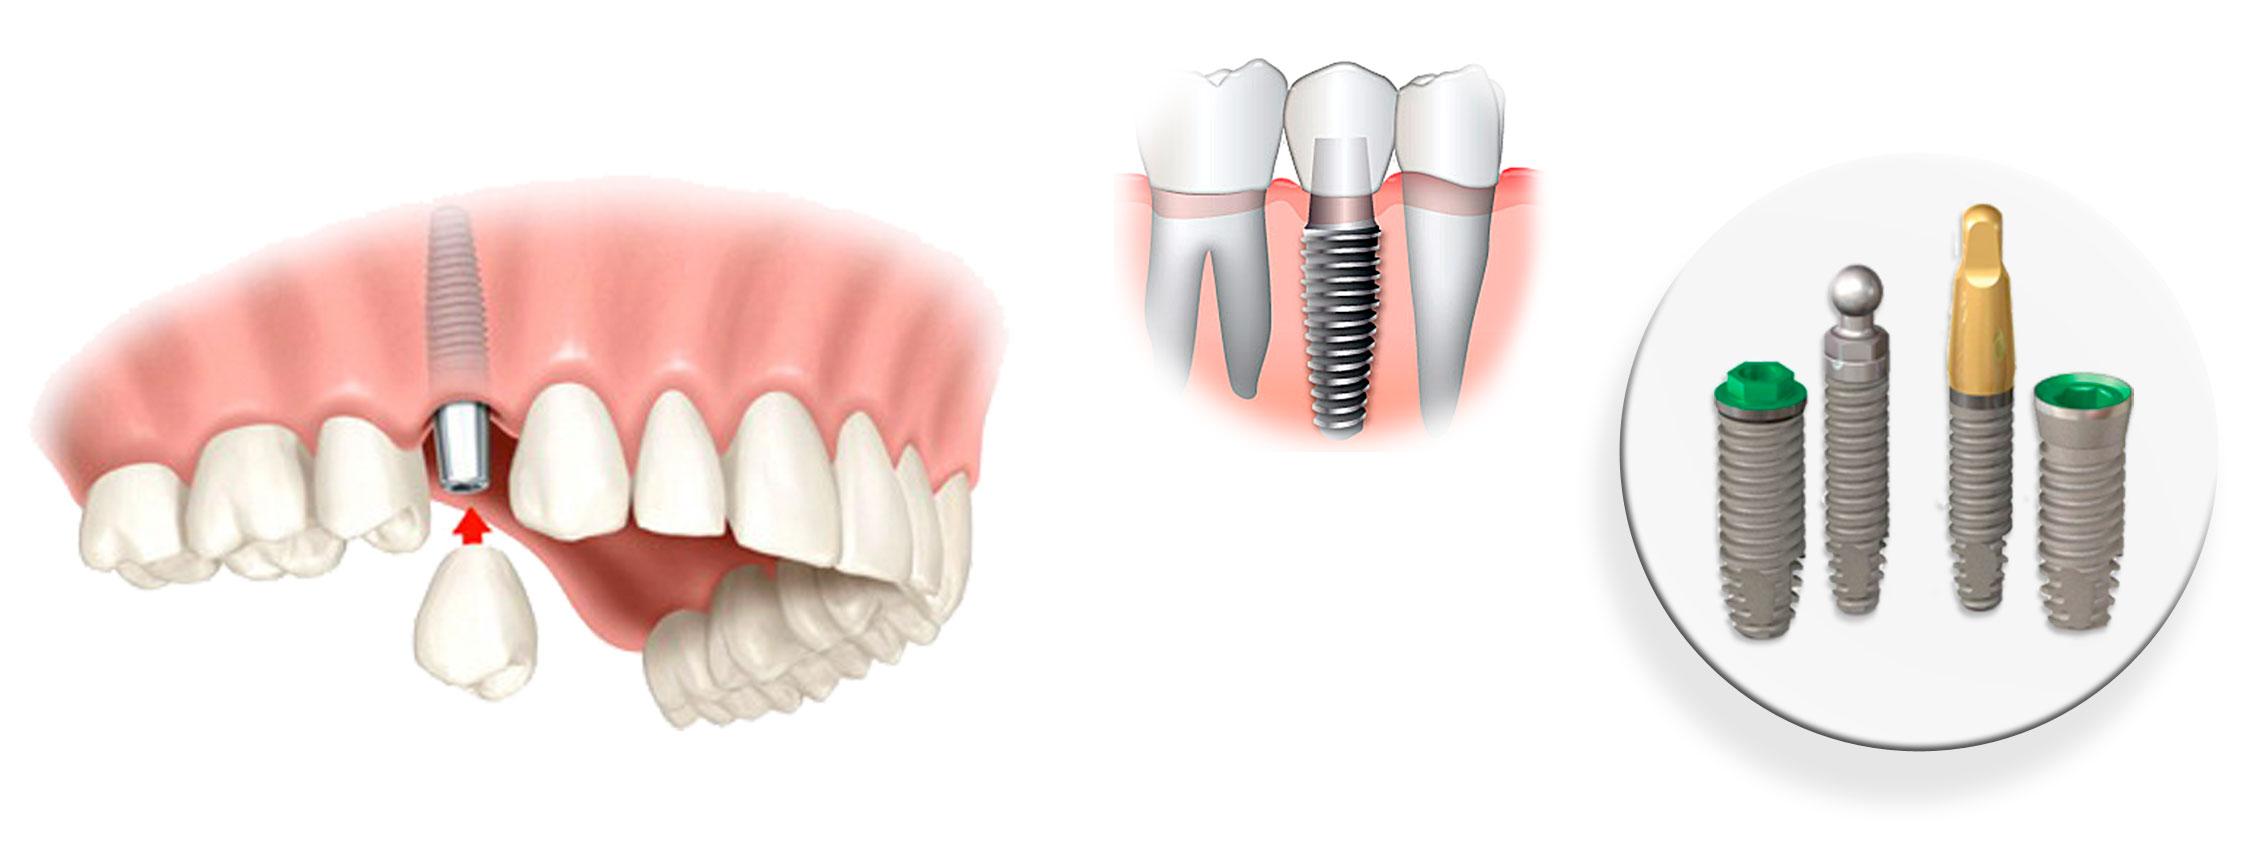 Ученые выяснили, какие лекарства не стоит пить перед имплантацией зубов - 3